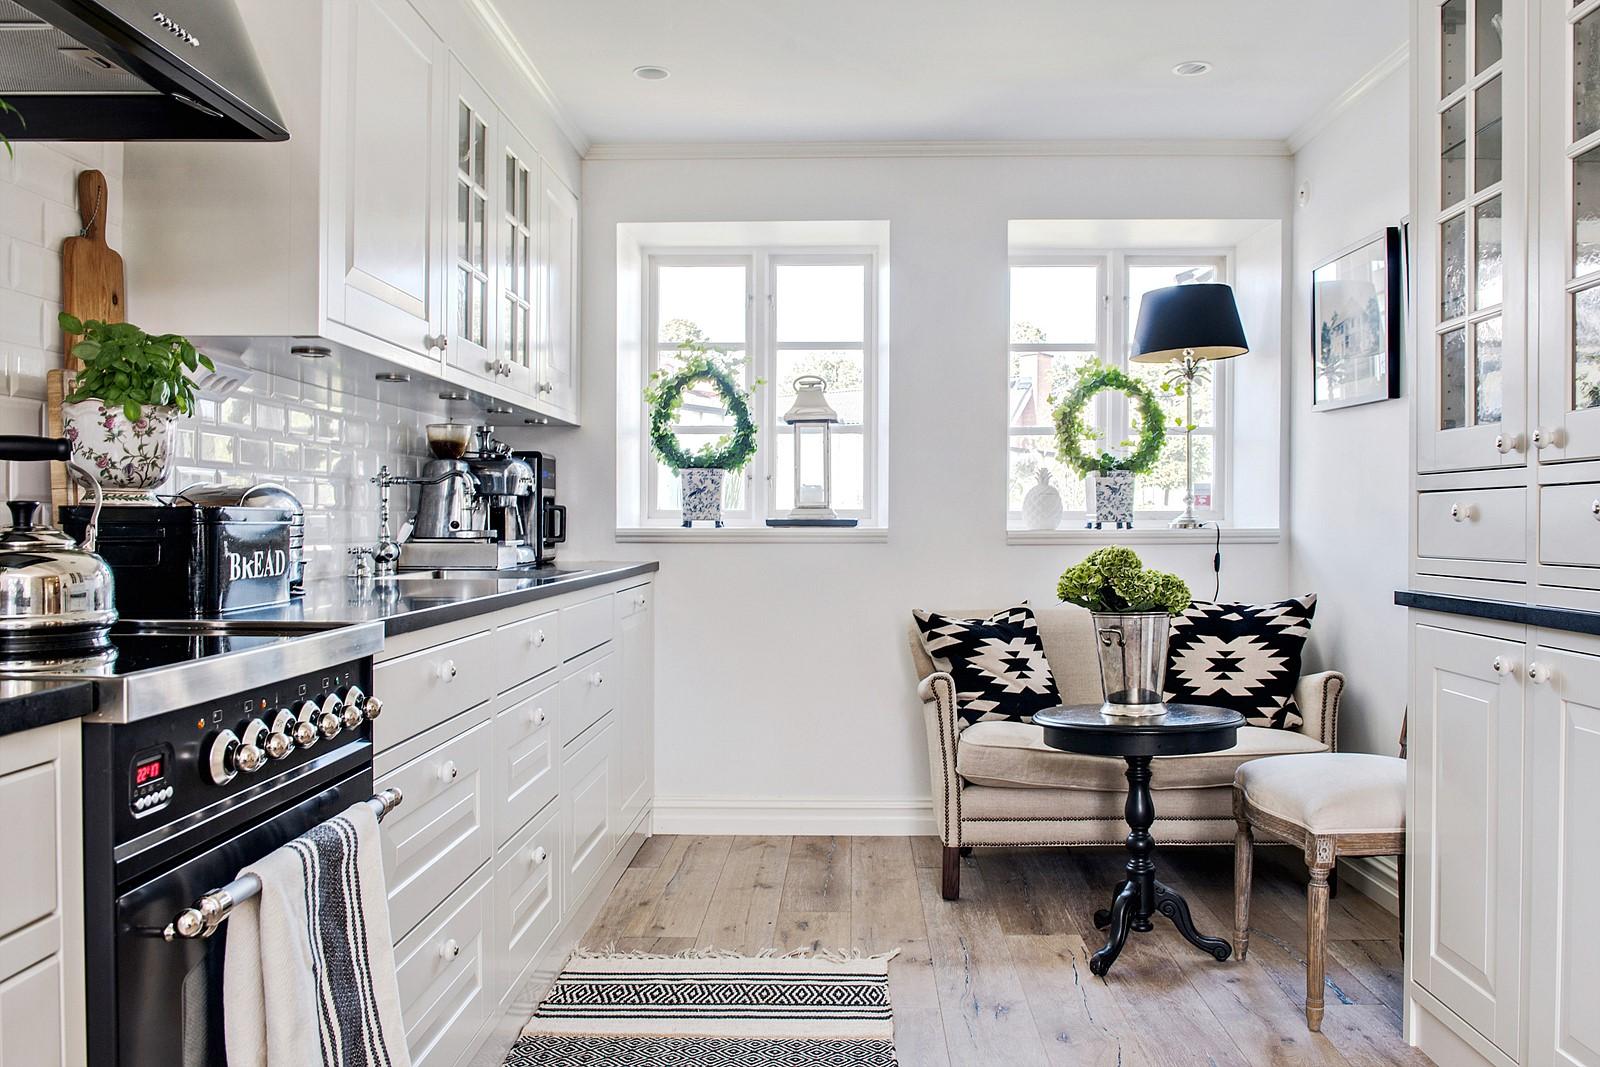 кухня кухонная мебель деревянный пол окна диван сервант